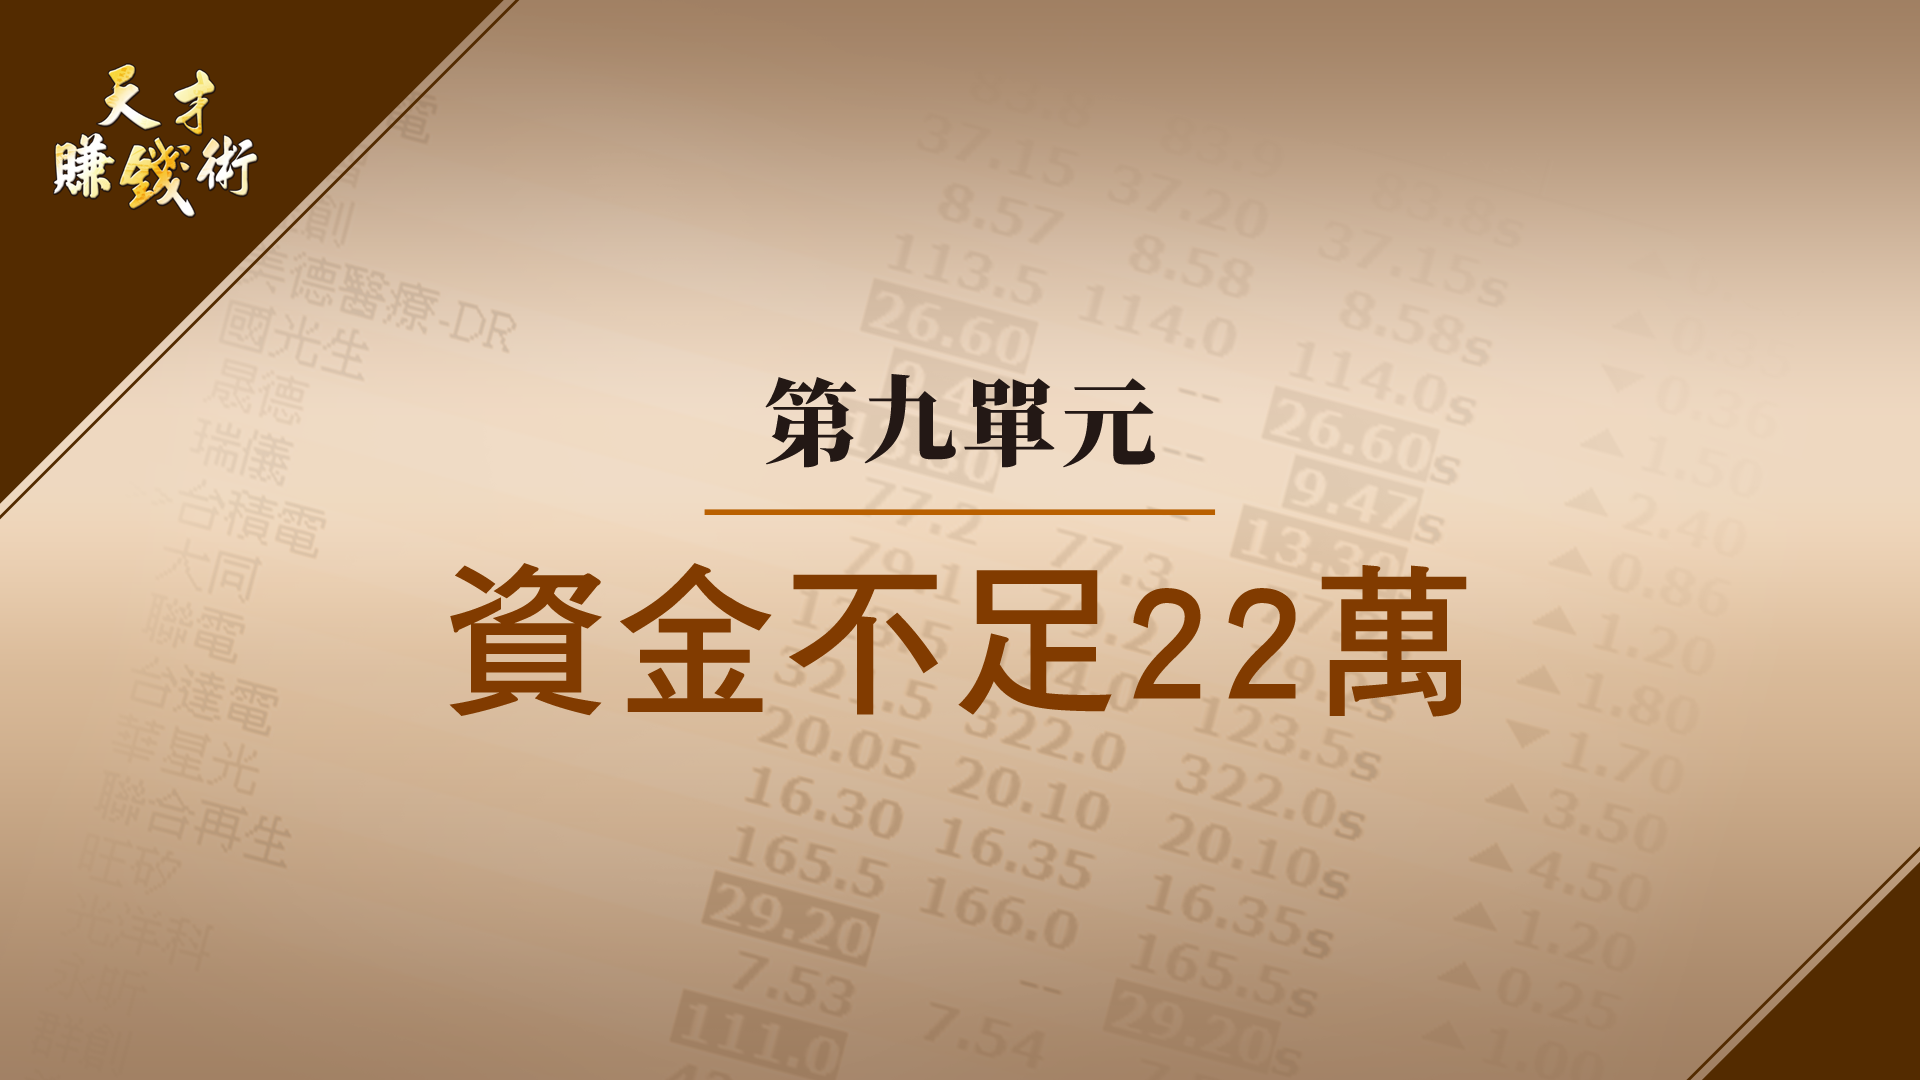 司令操盤手-第九單元:資金不足22萬